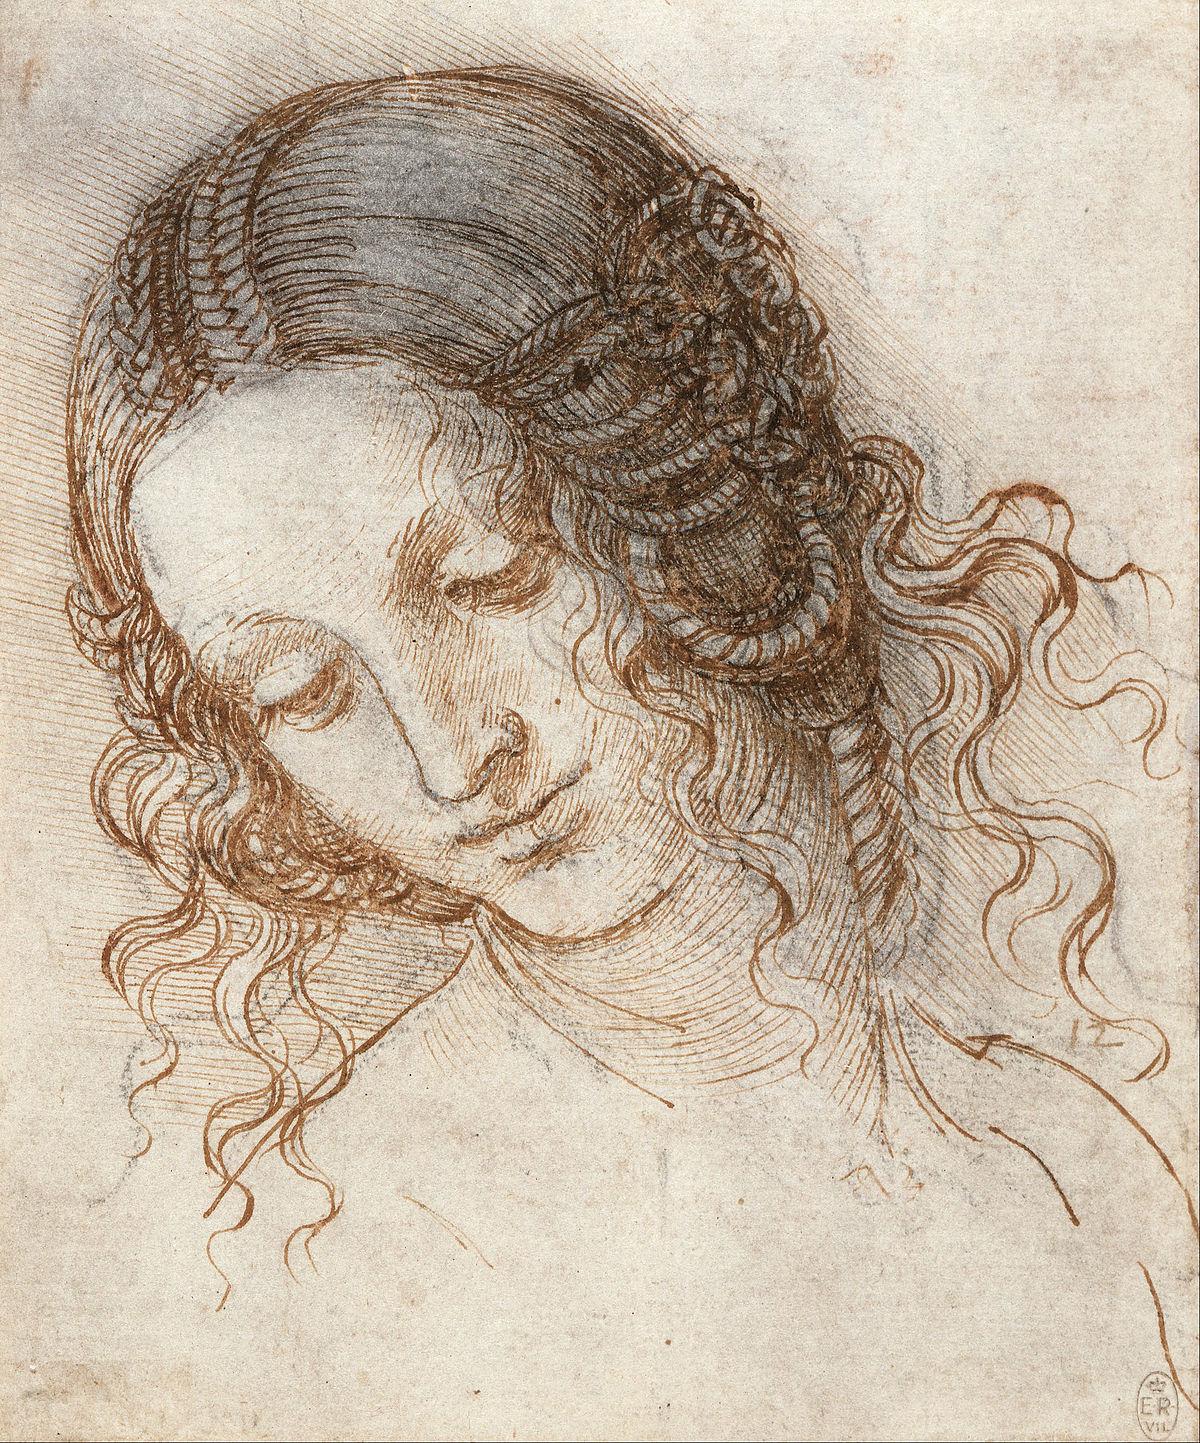 Dibujo artstico  Wikipedia la enciclopedia libre